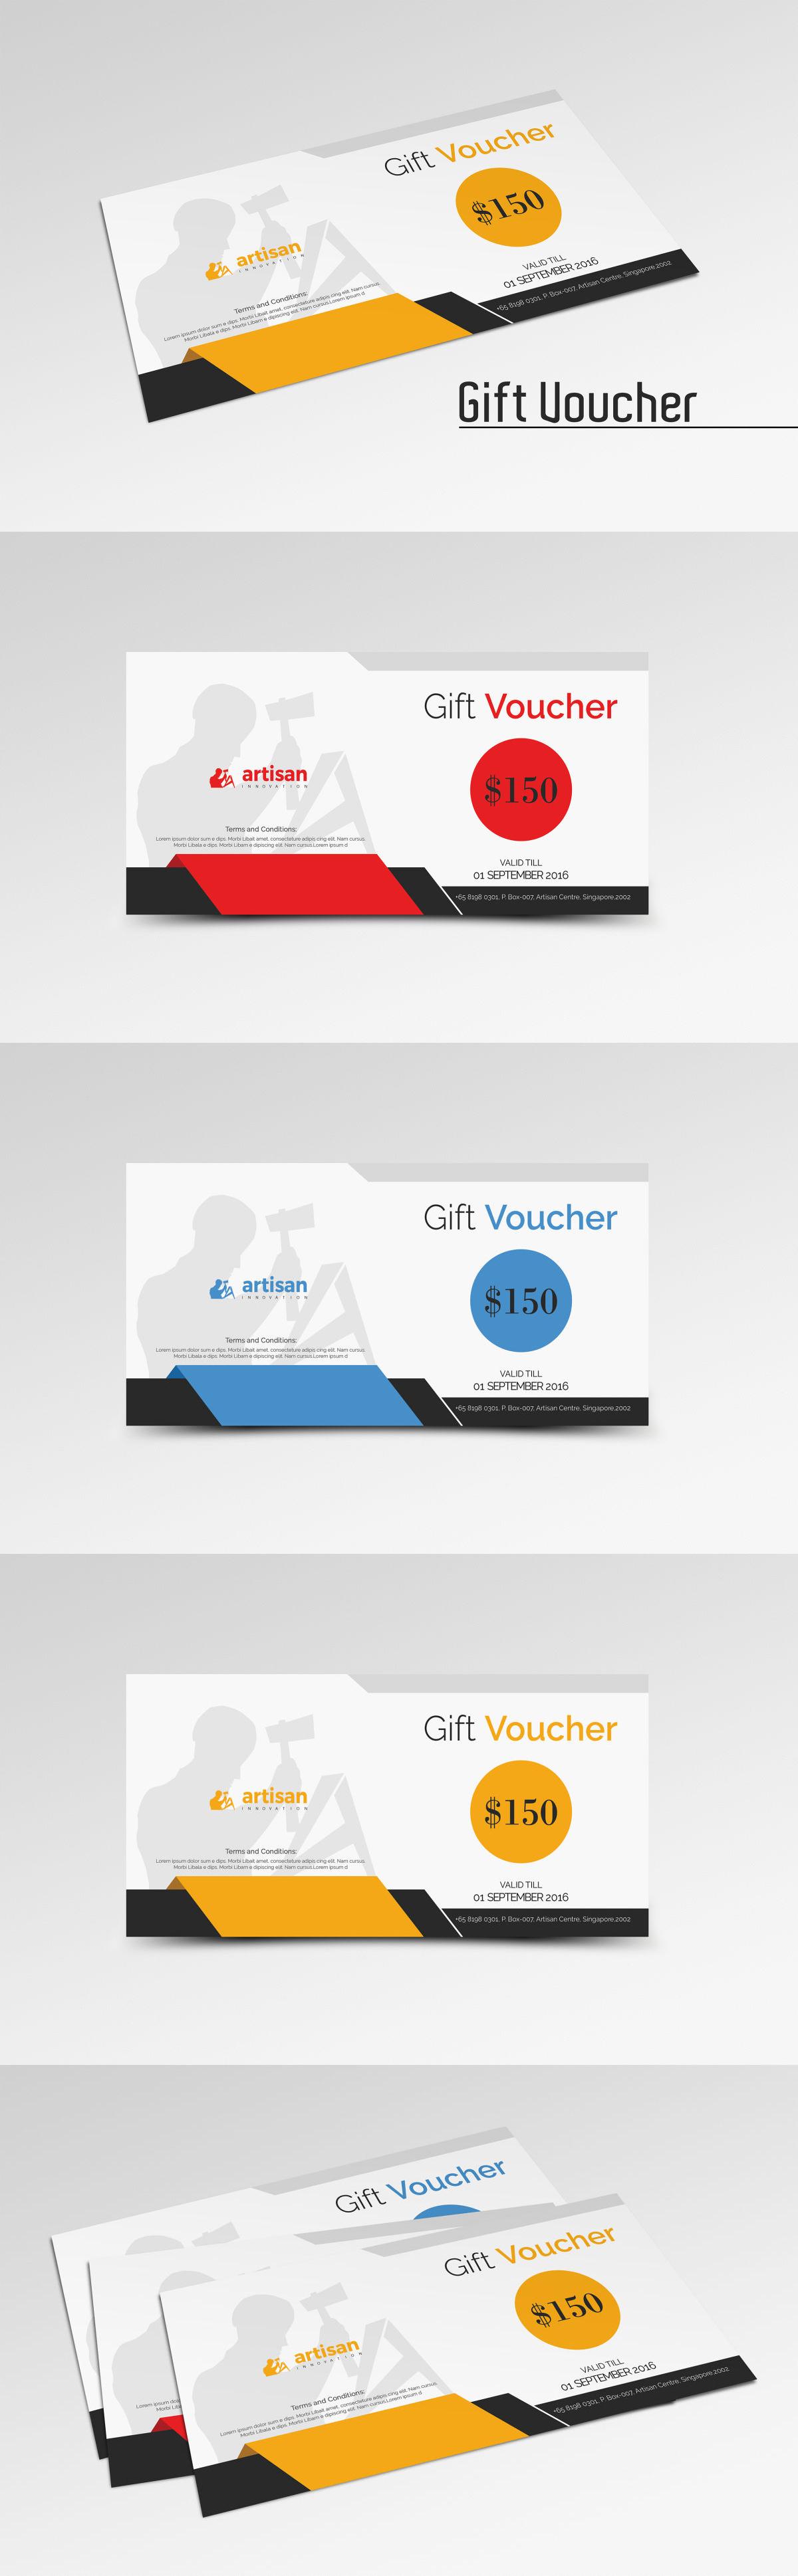 Gift Voucher Template Ai Eps Psd Gift Voucher Design Templates